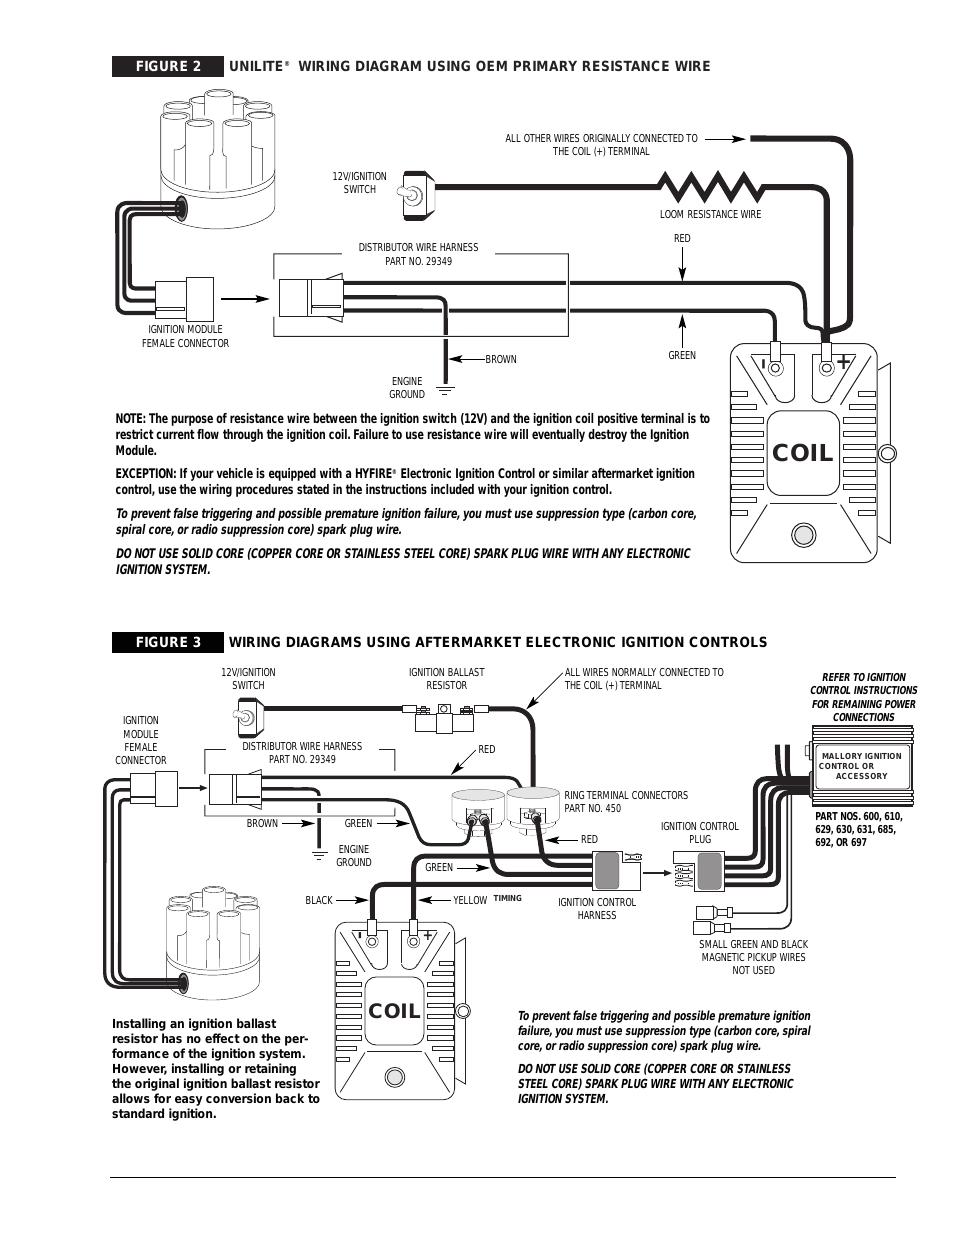 coil mallory ignition mallory unilite distributor user manualcoil mallory ignition mallory unilite distributor user manual page